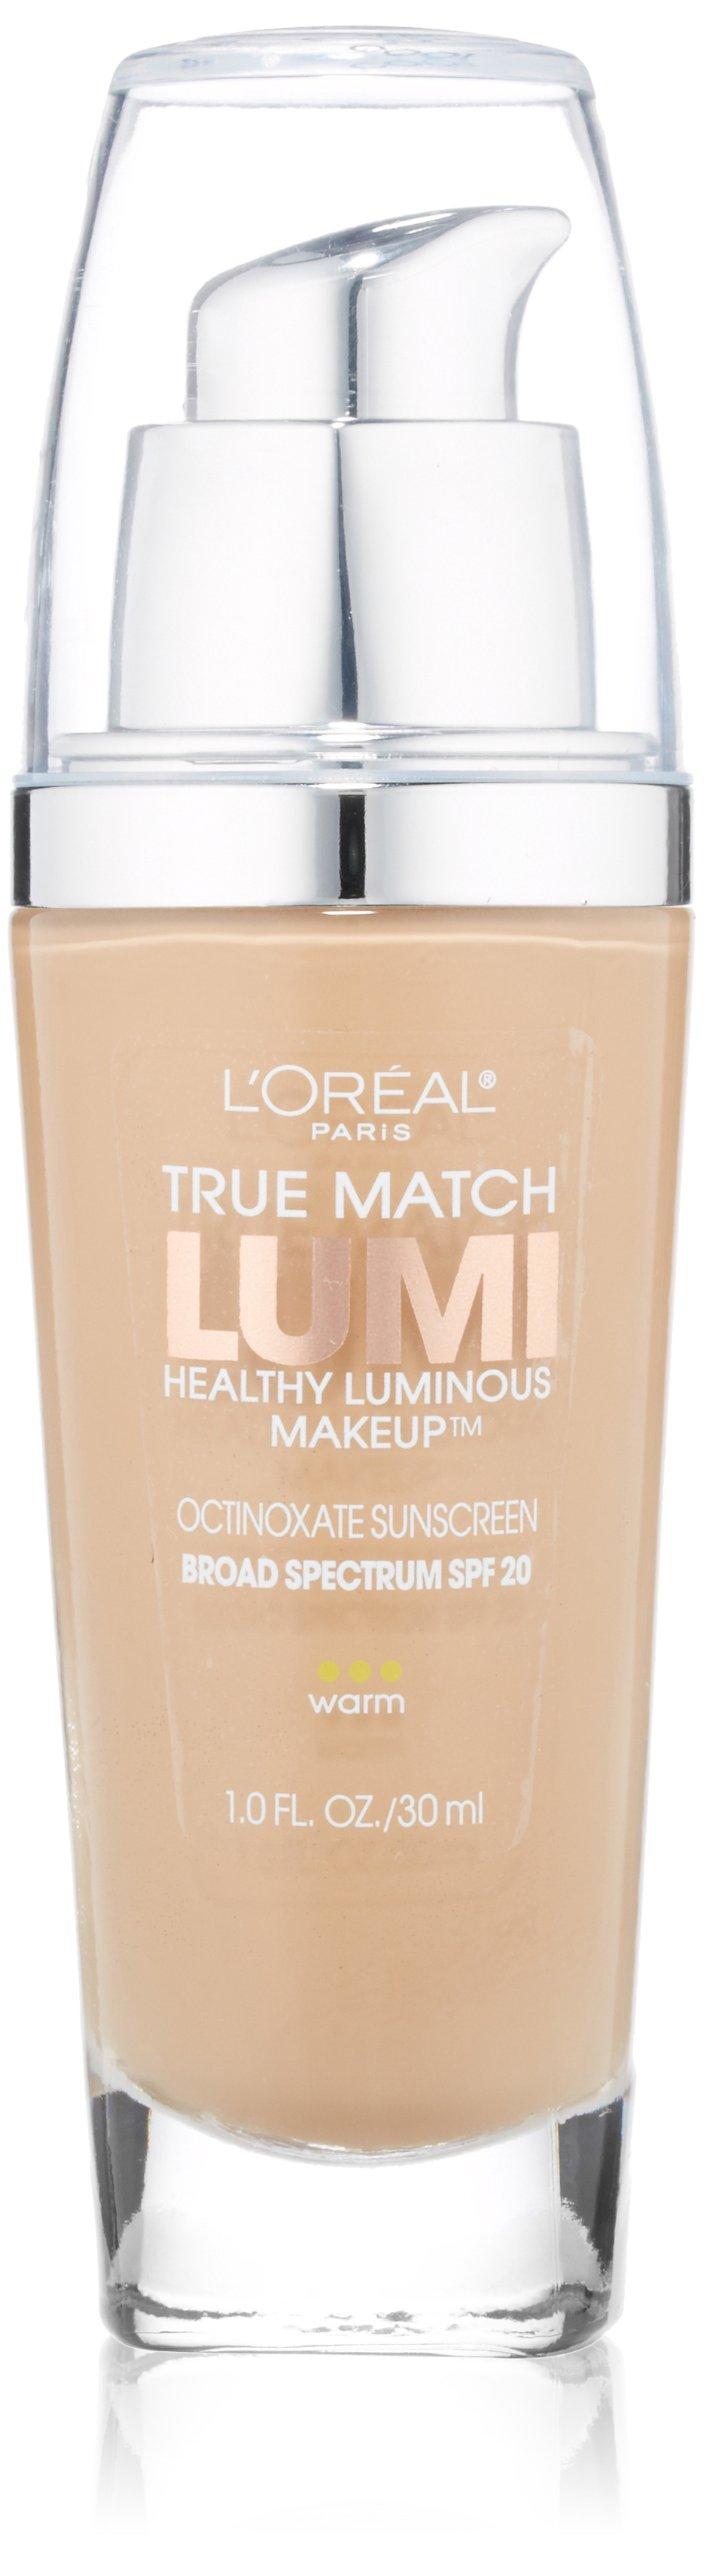 L'Oreal Paris True Match Lumi Healthy Luminous Makeup, W4 Natural Beige, 1 fl. oz.